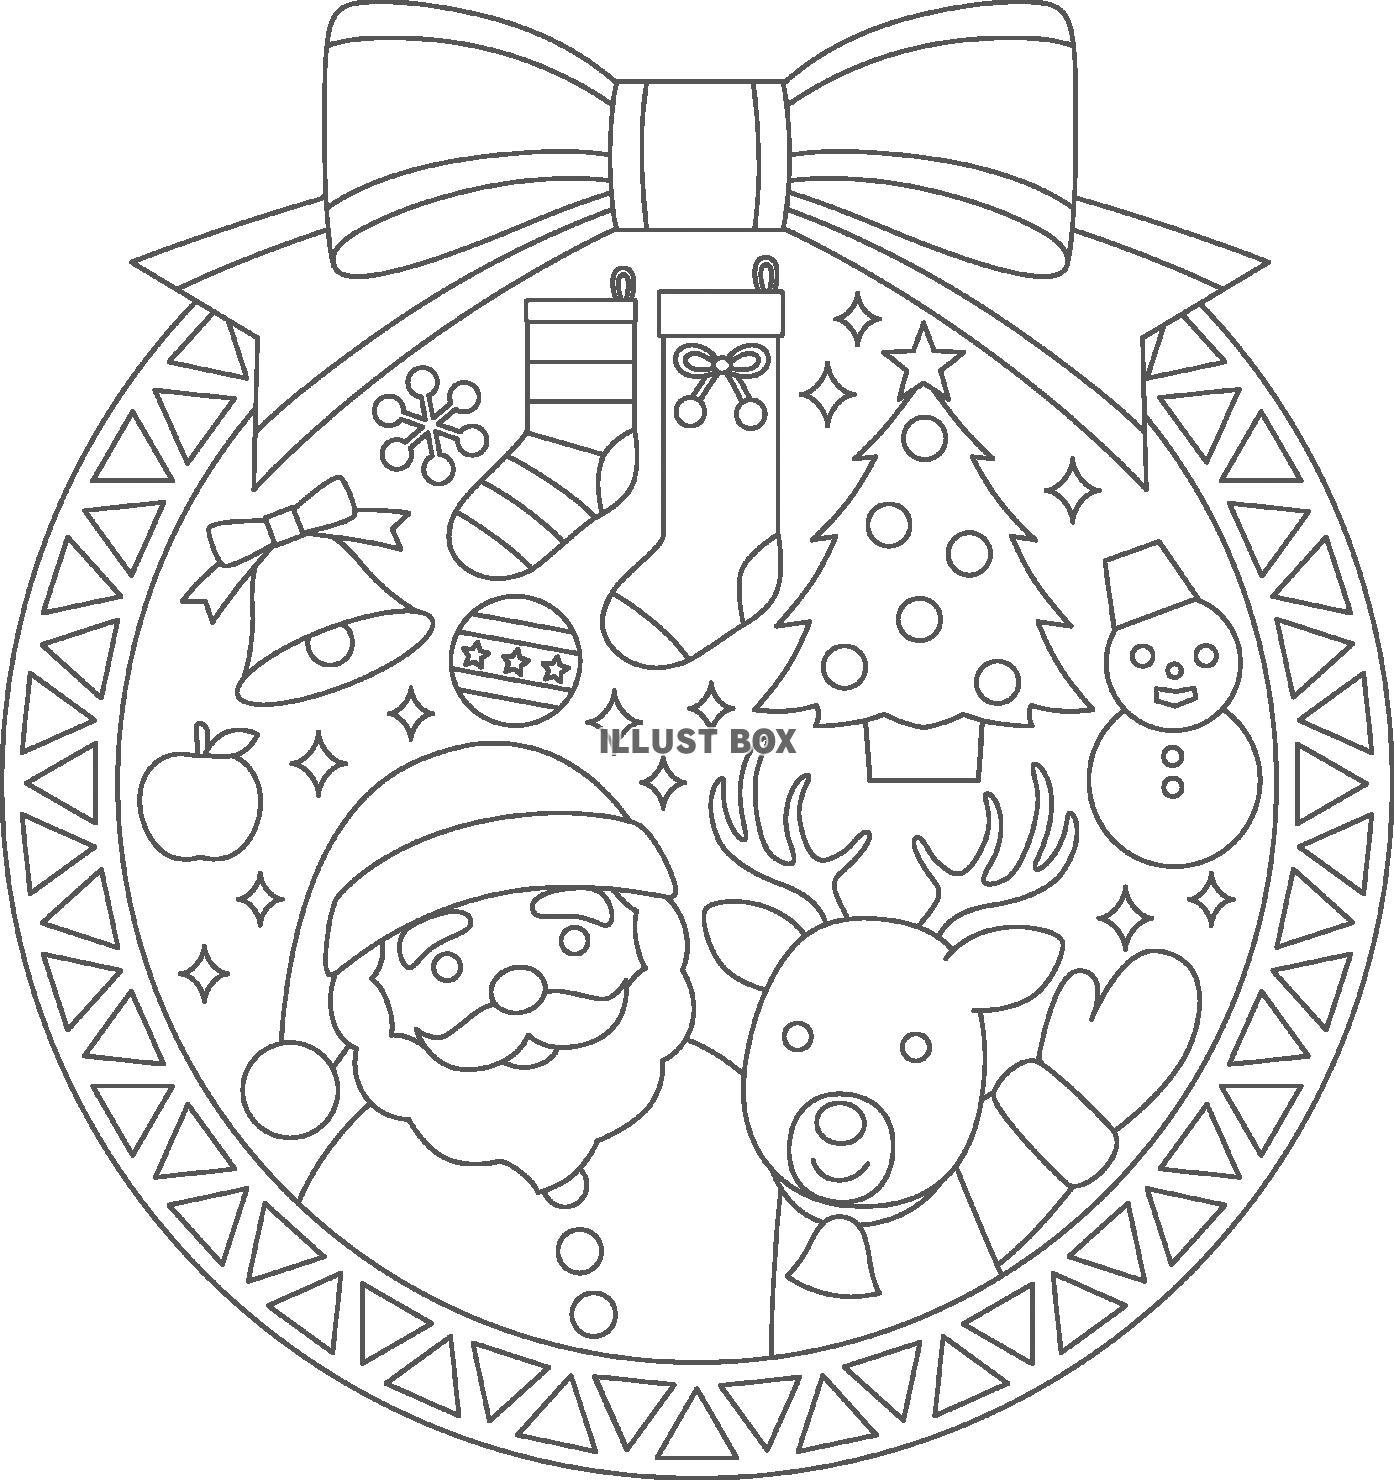 無料イラスト クリスマスのぬりえ1